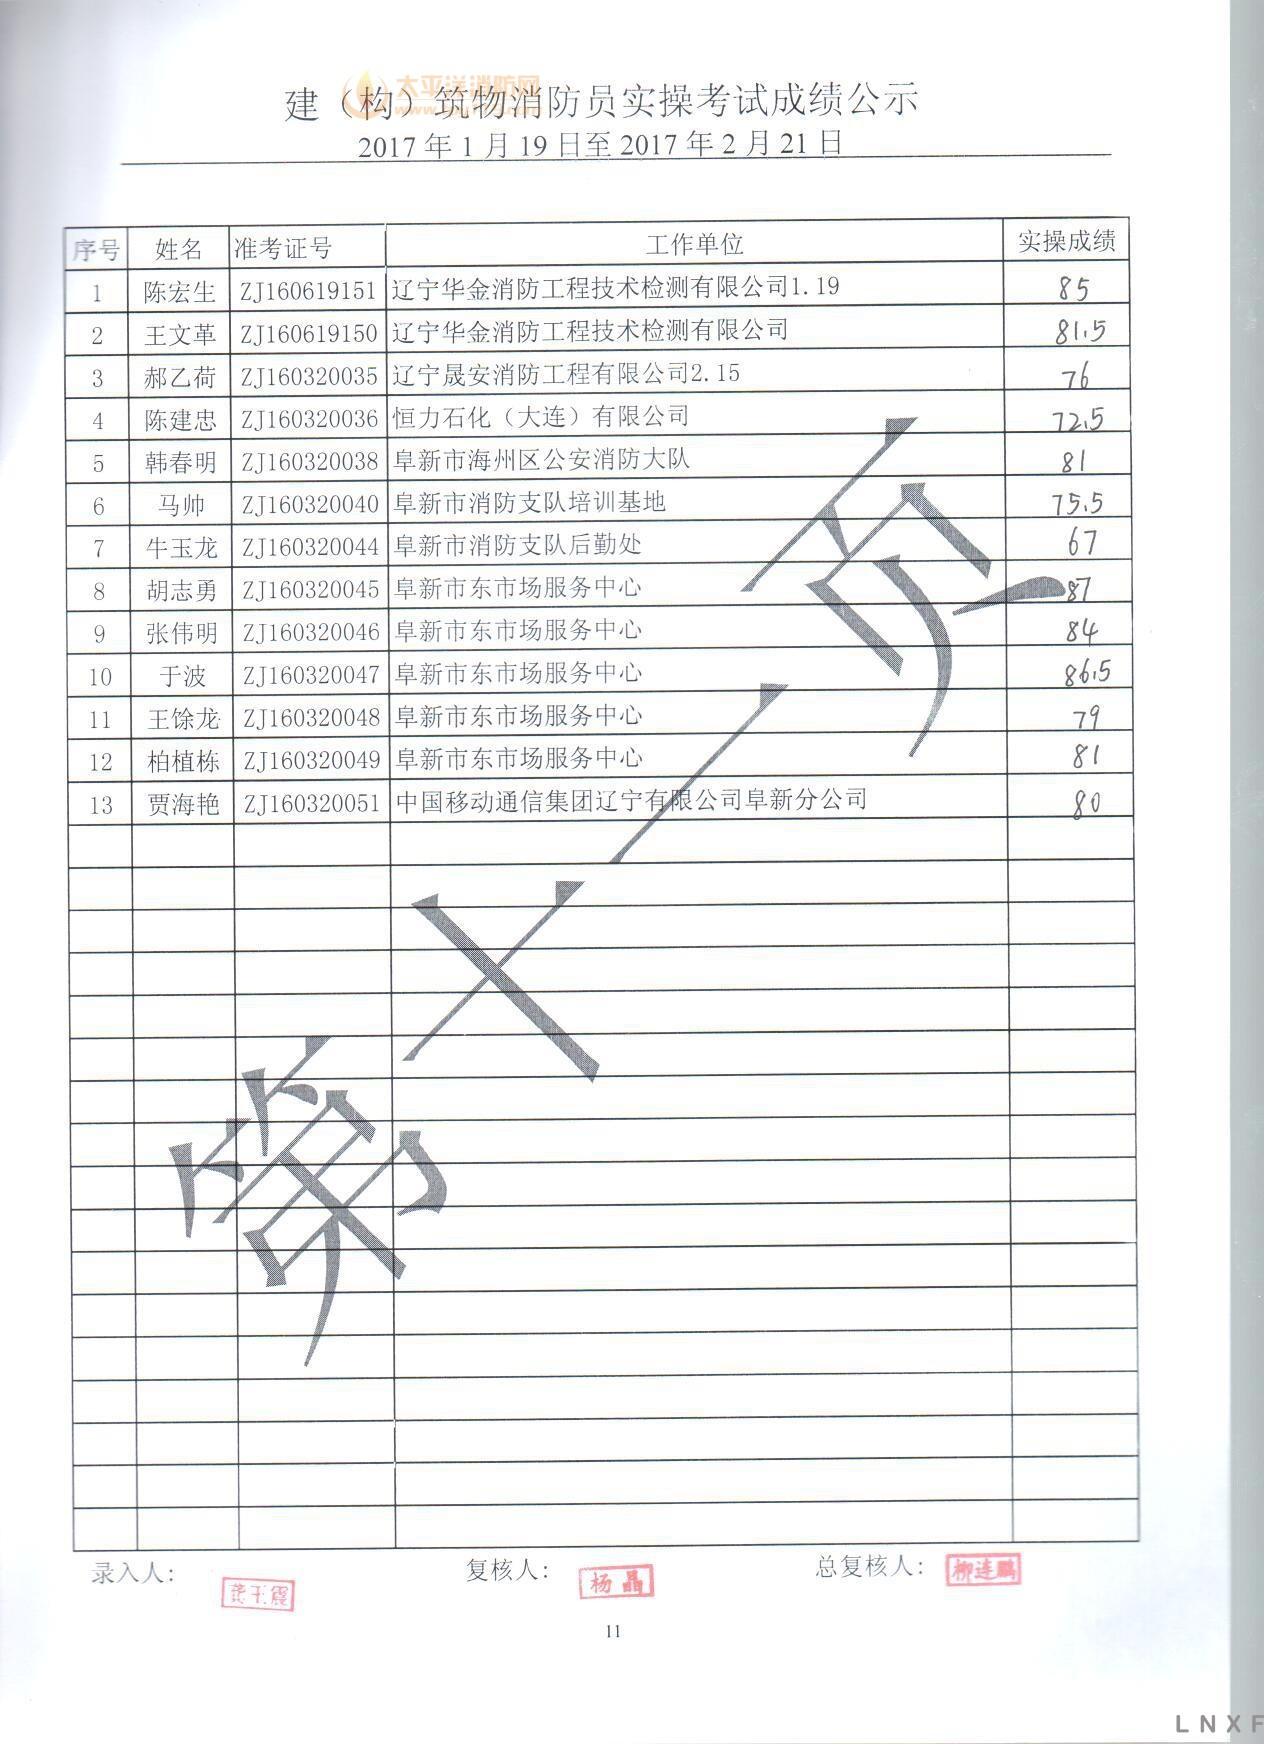 辽宁2017年建构筑物消防员职业技能鉴定实操考试成绩公示(01.19-02.21)